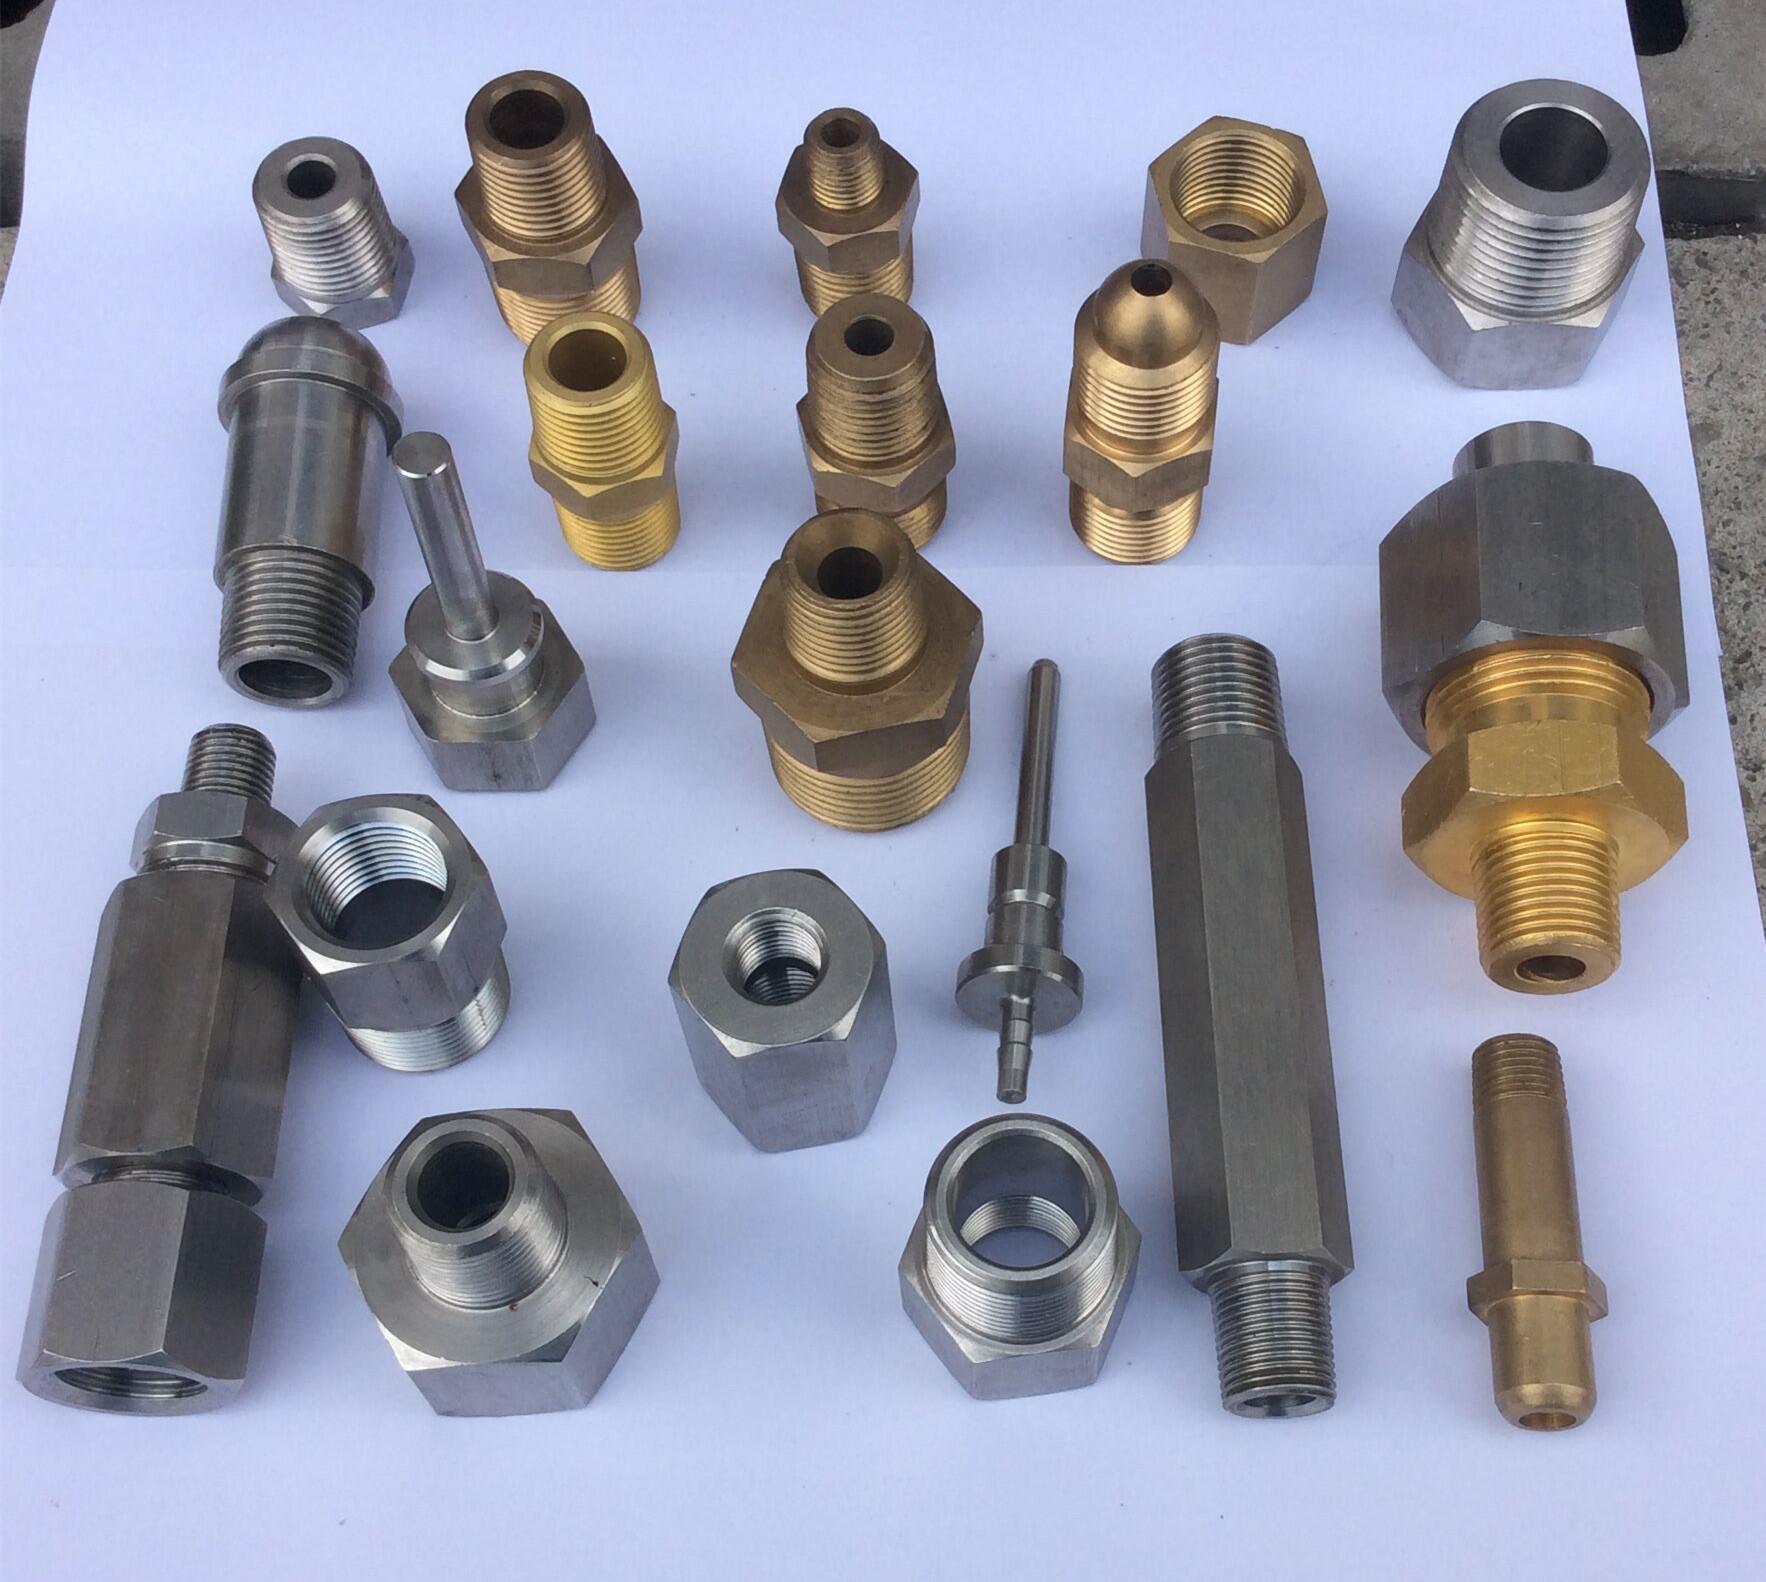 液压接头 水管接头 油管接头 高压接头 不锈钢接头 非标车牀件图片